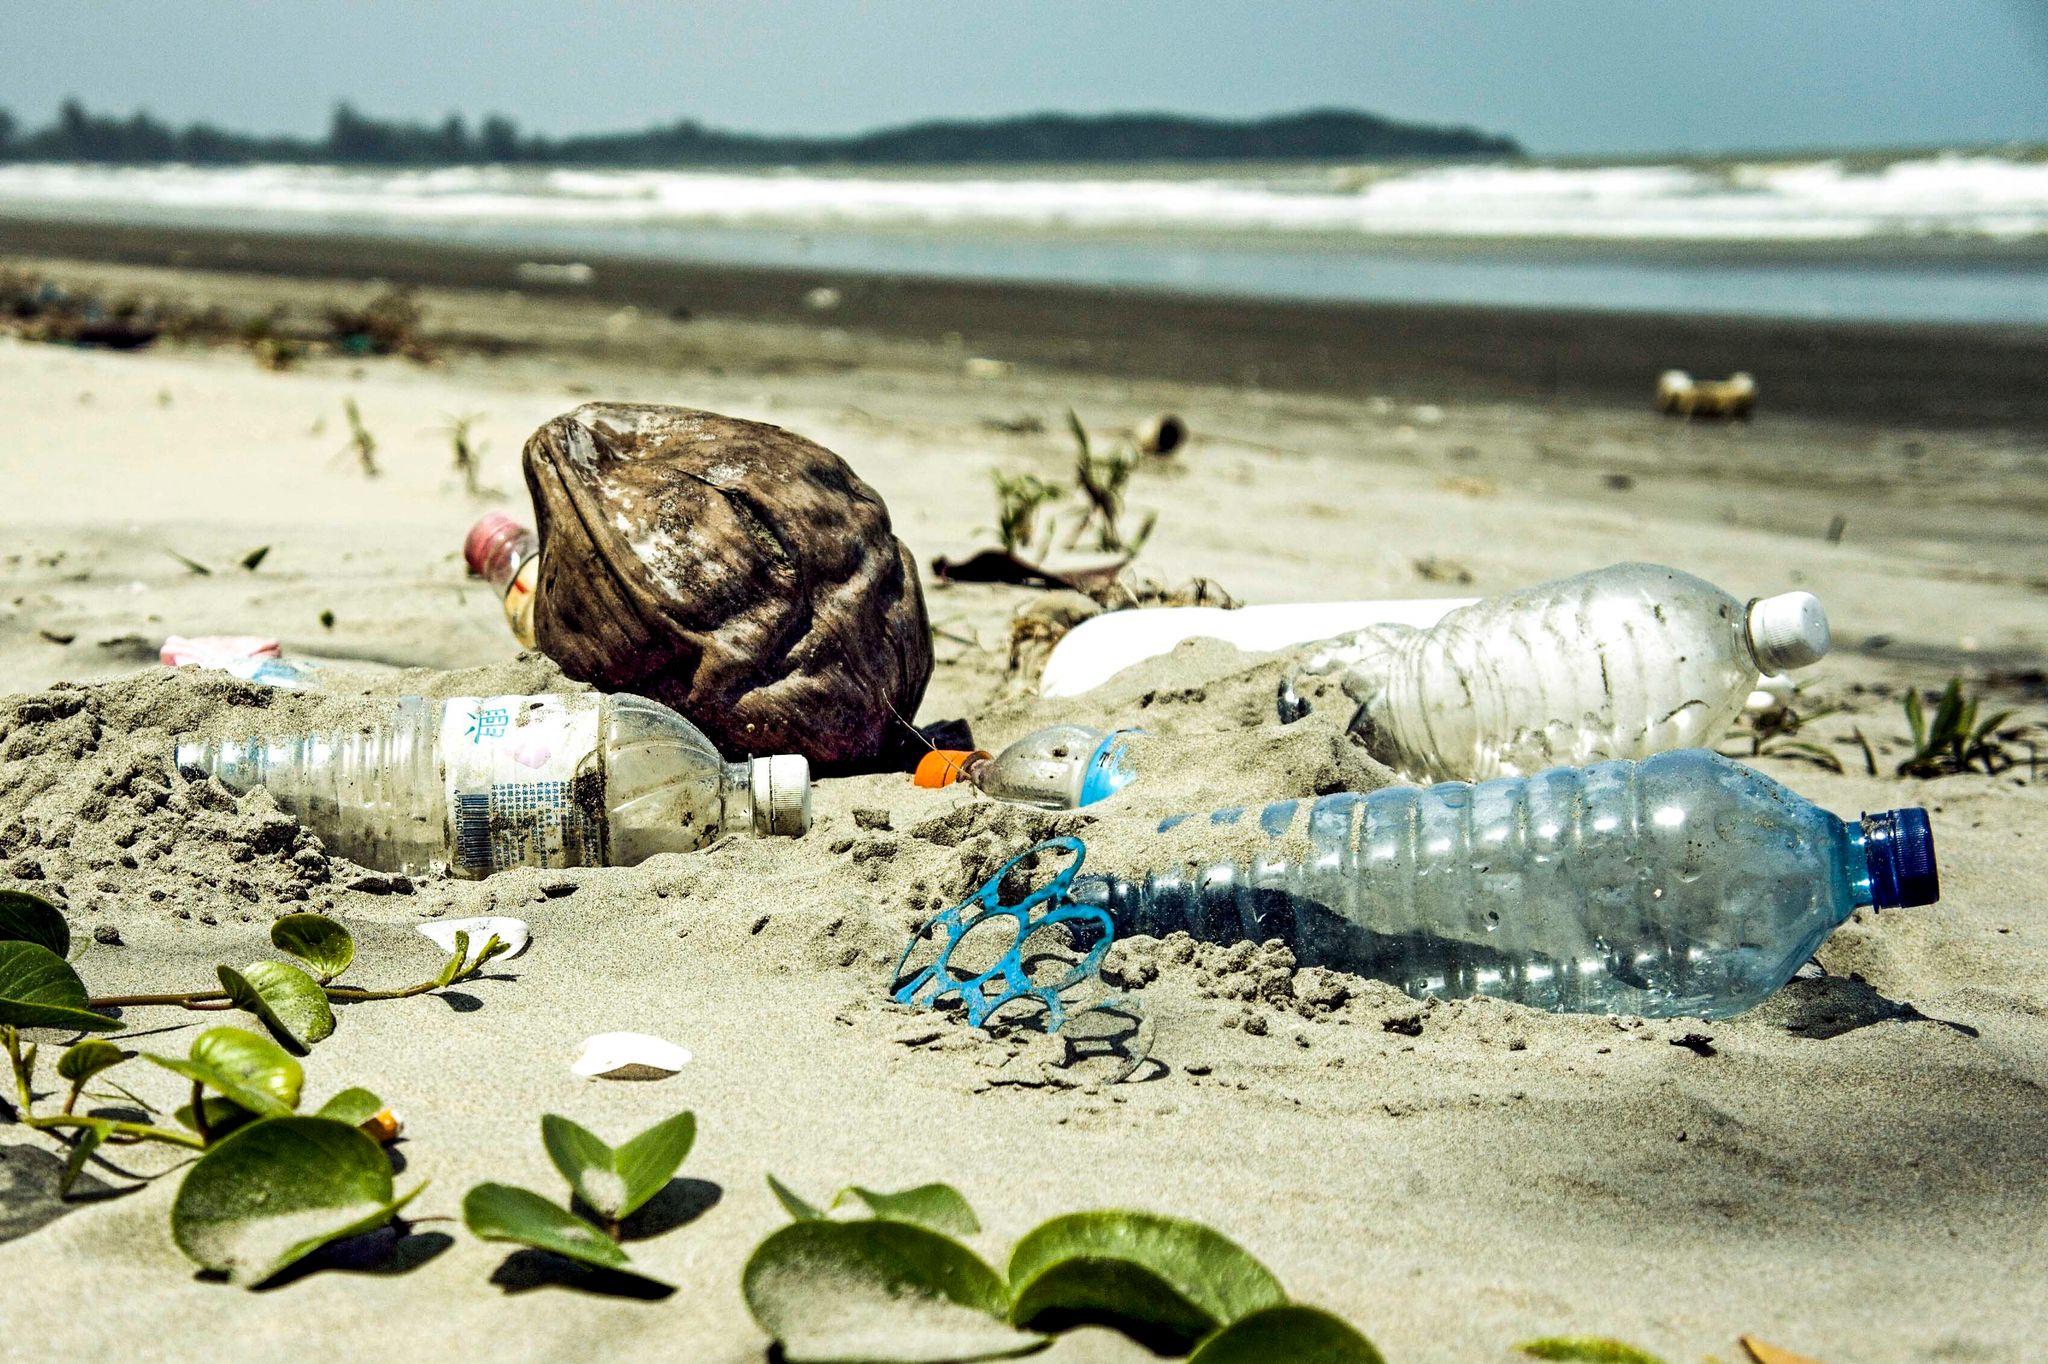 آیا می دانید بطری های شیشه ای و پلاستیکی رها شده در طبیعت می تواند خطر آفرین باشد؟